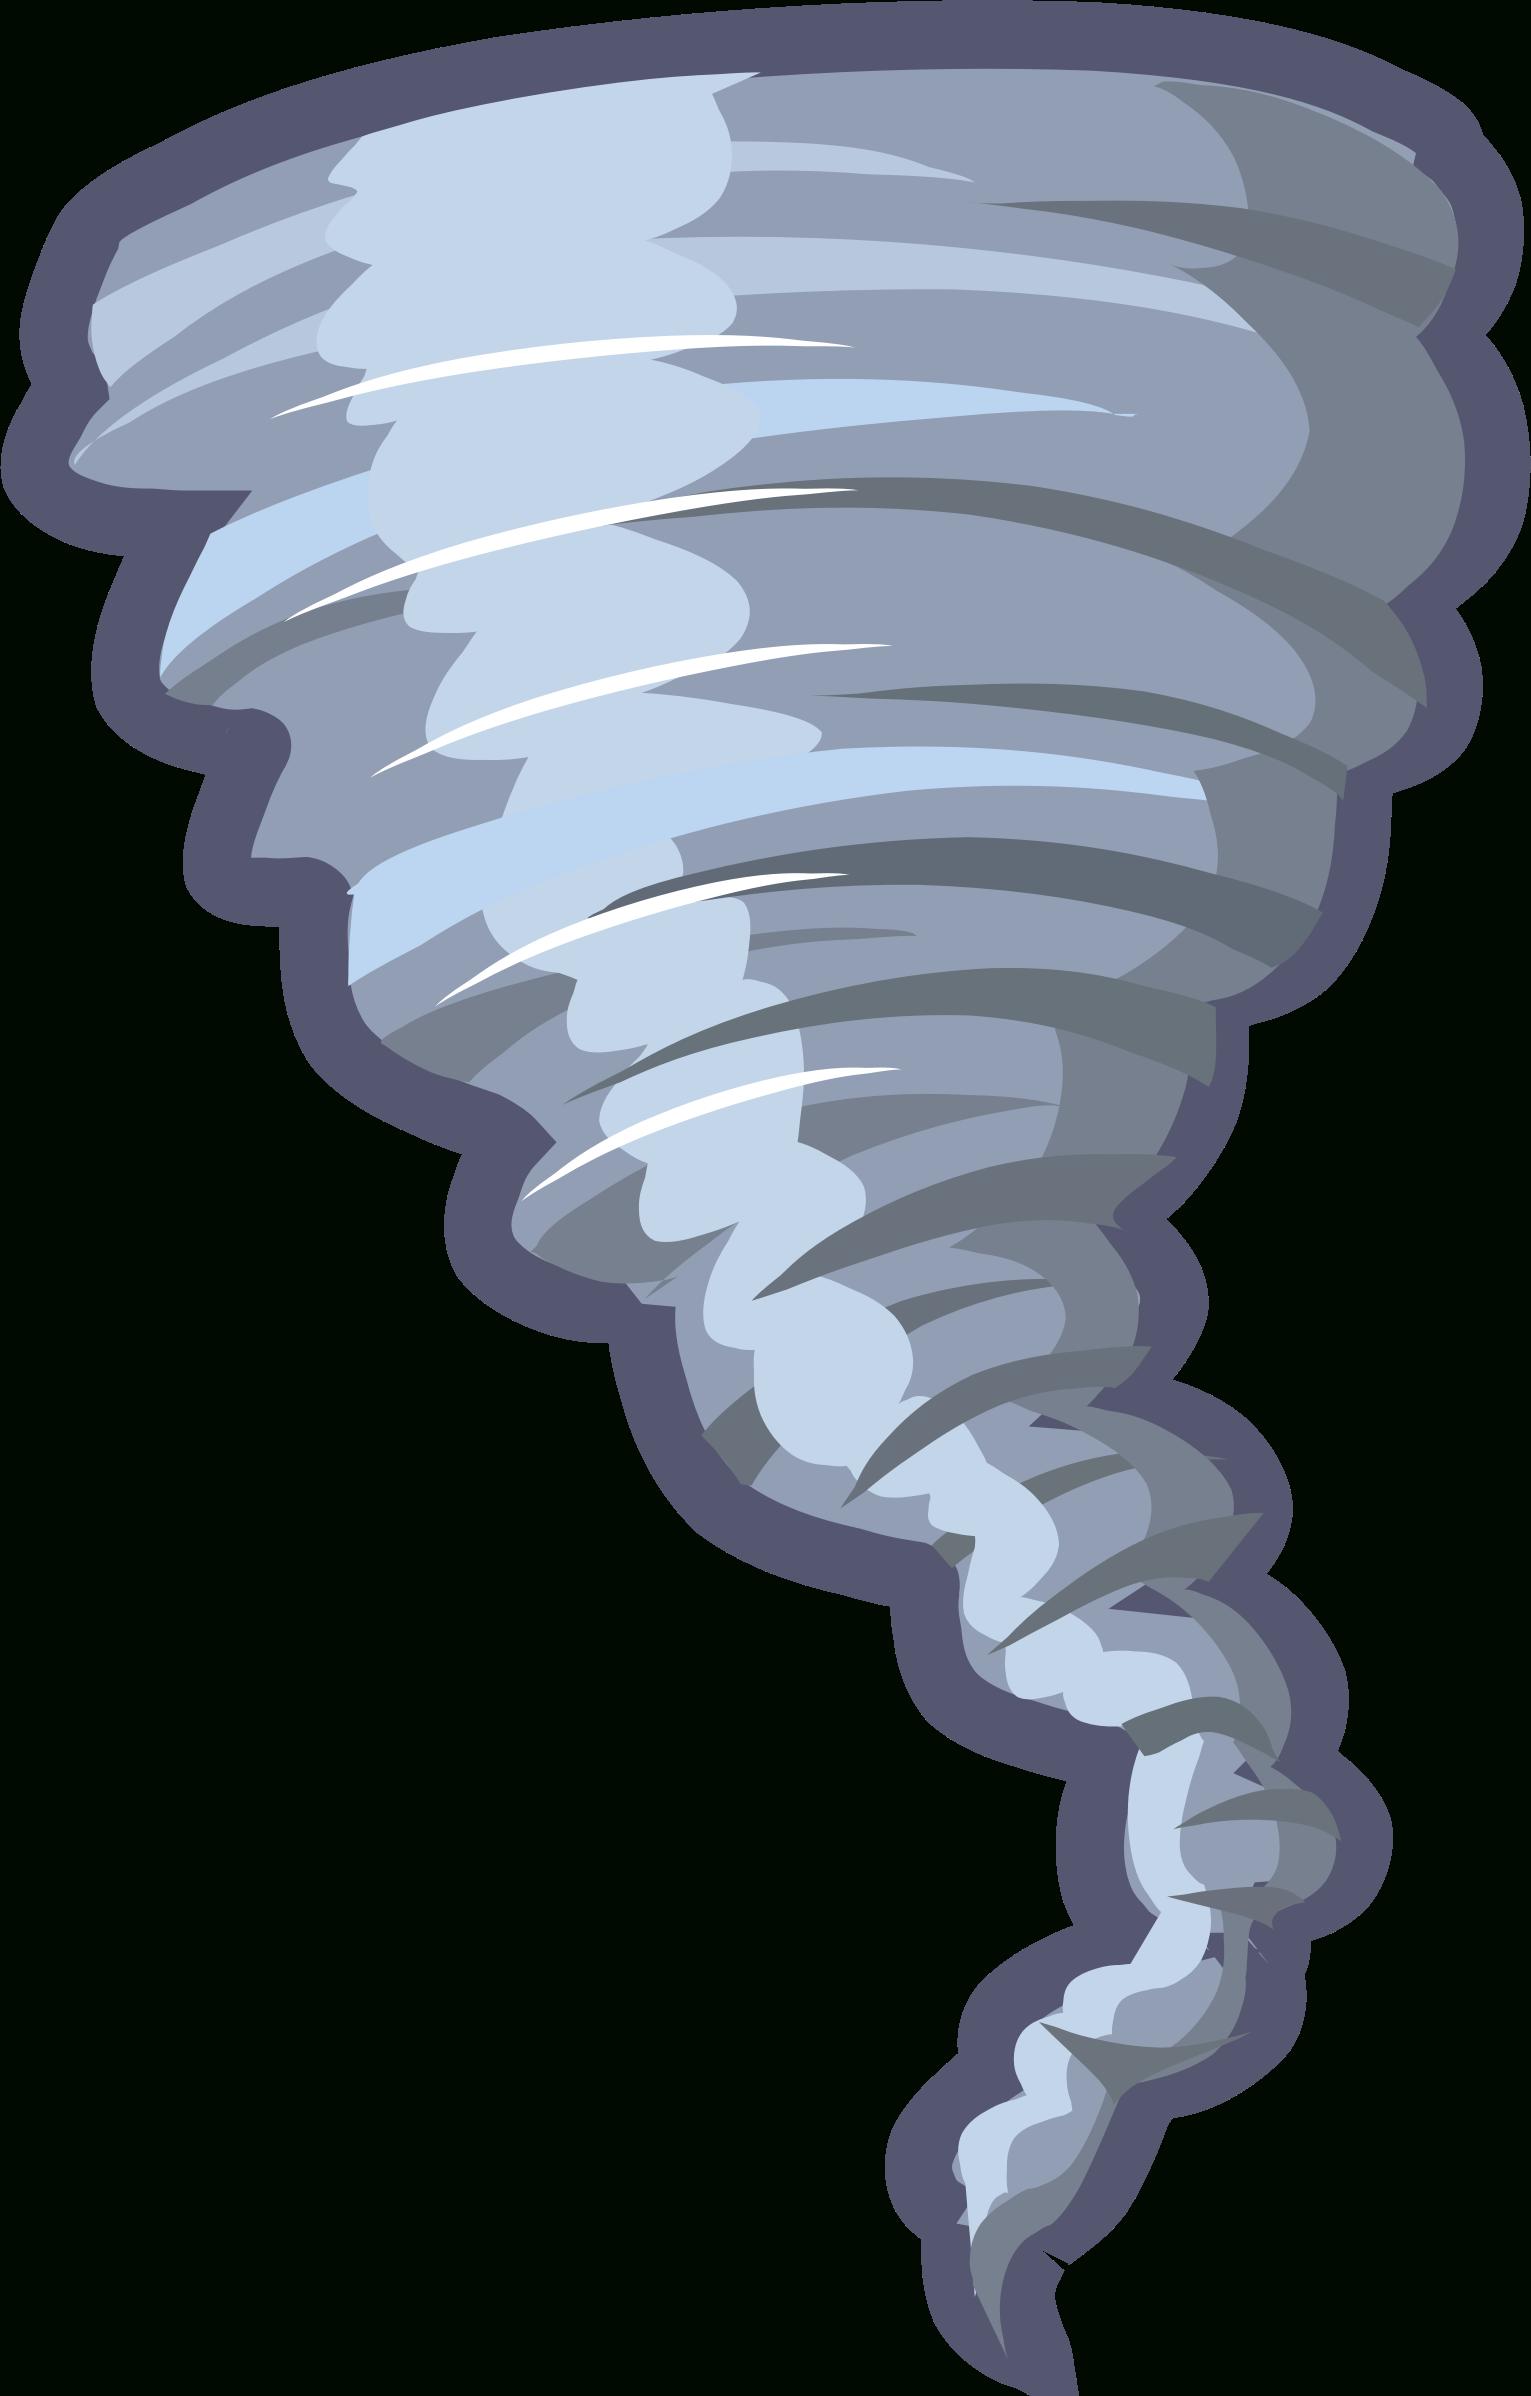 Pin De Enosart Com En Nature Mago De Oz Fotos De Caritas Tornado Dibujo